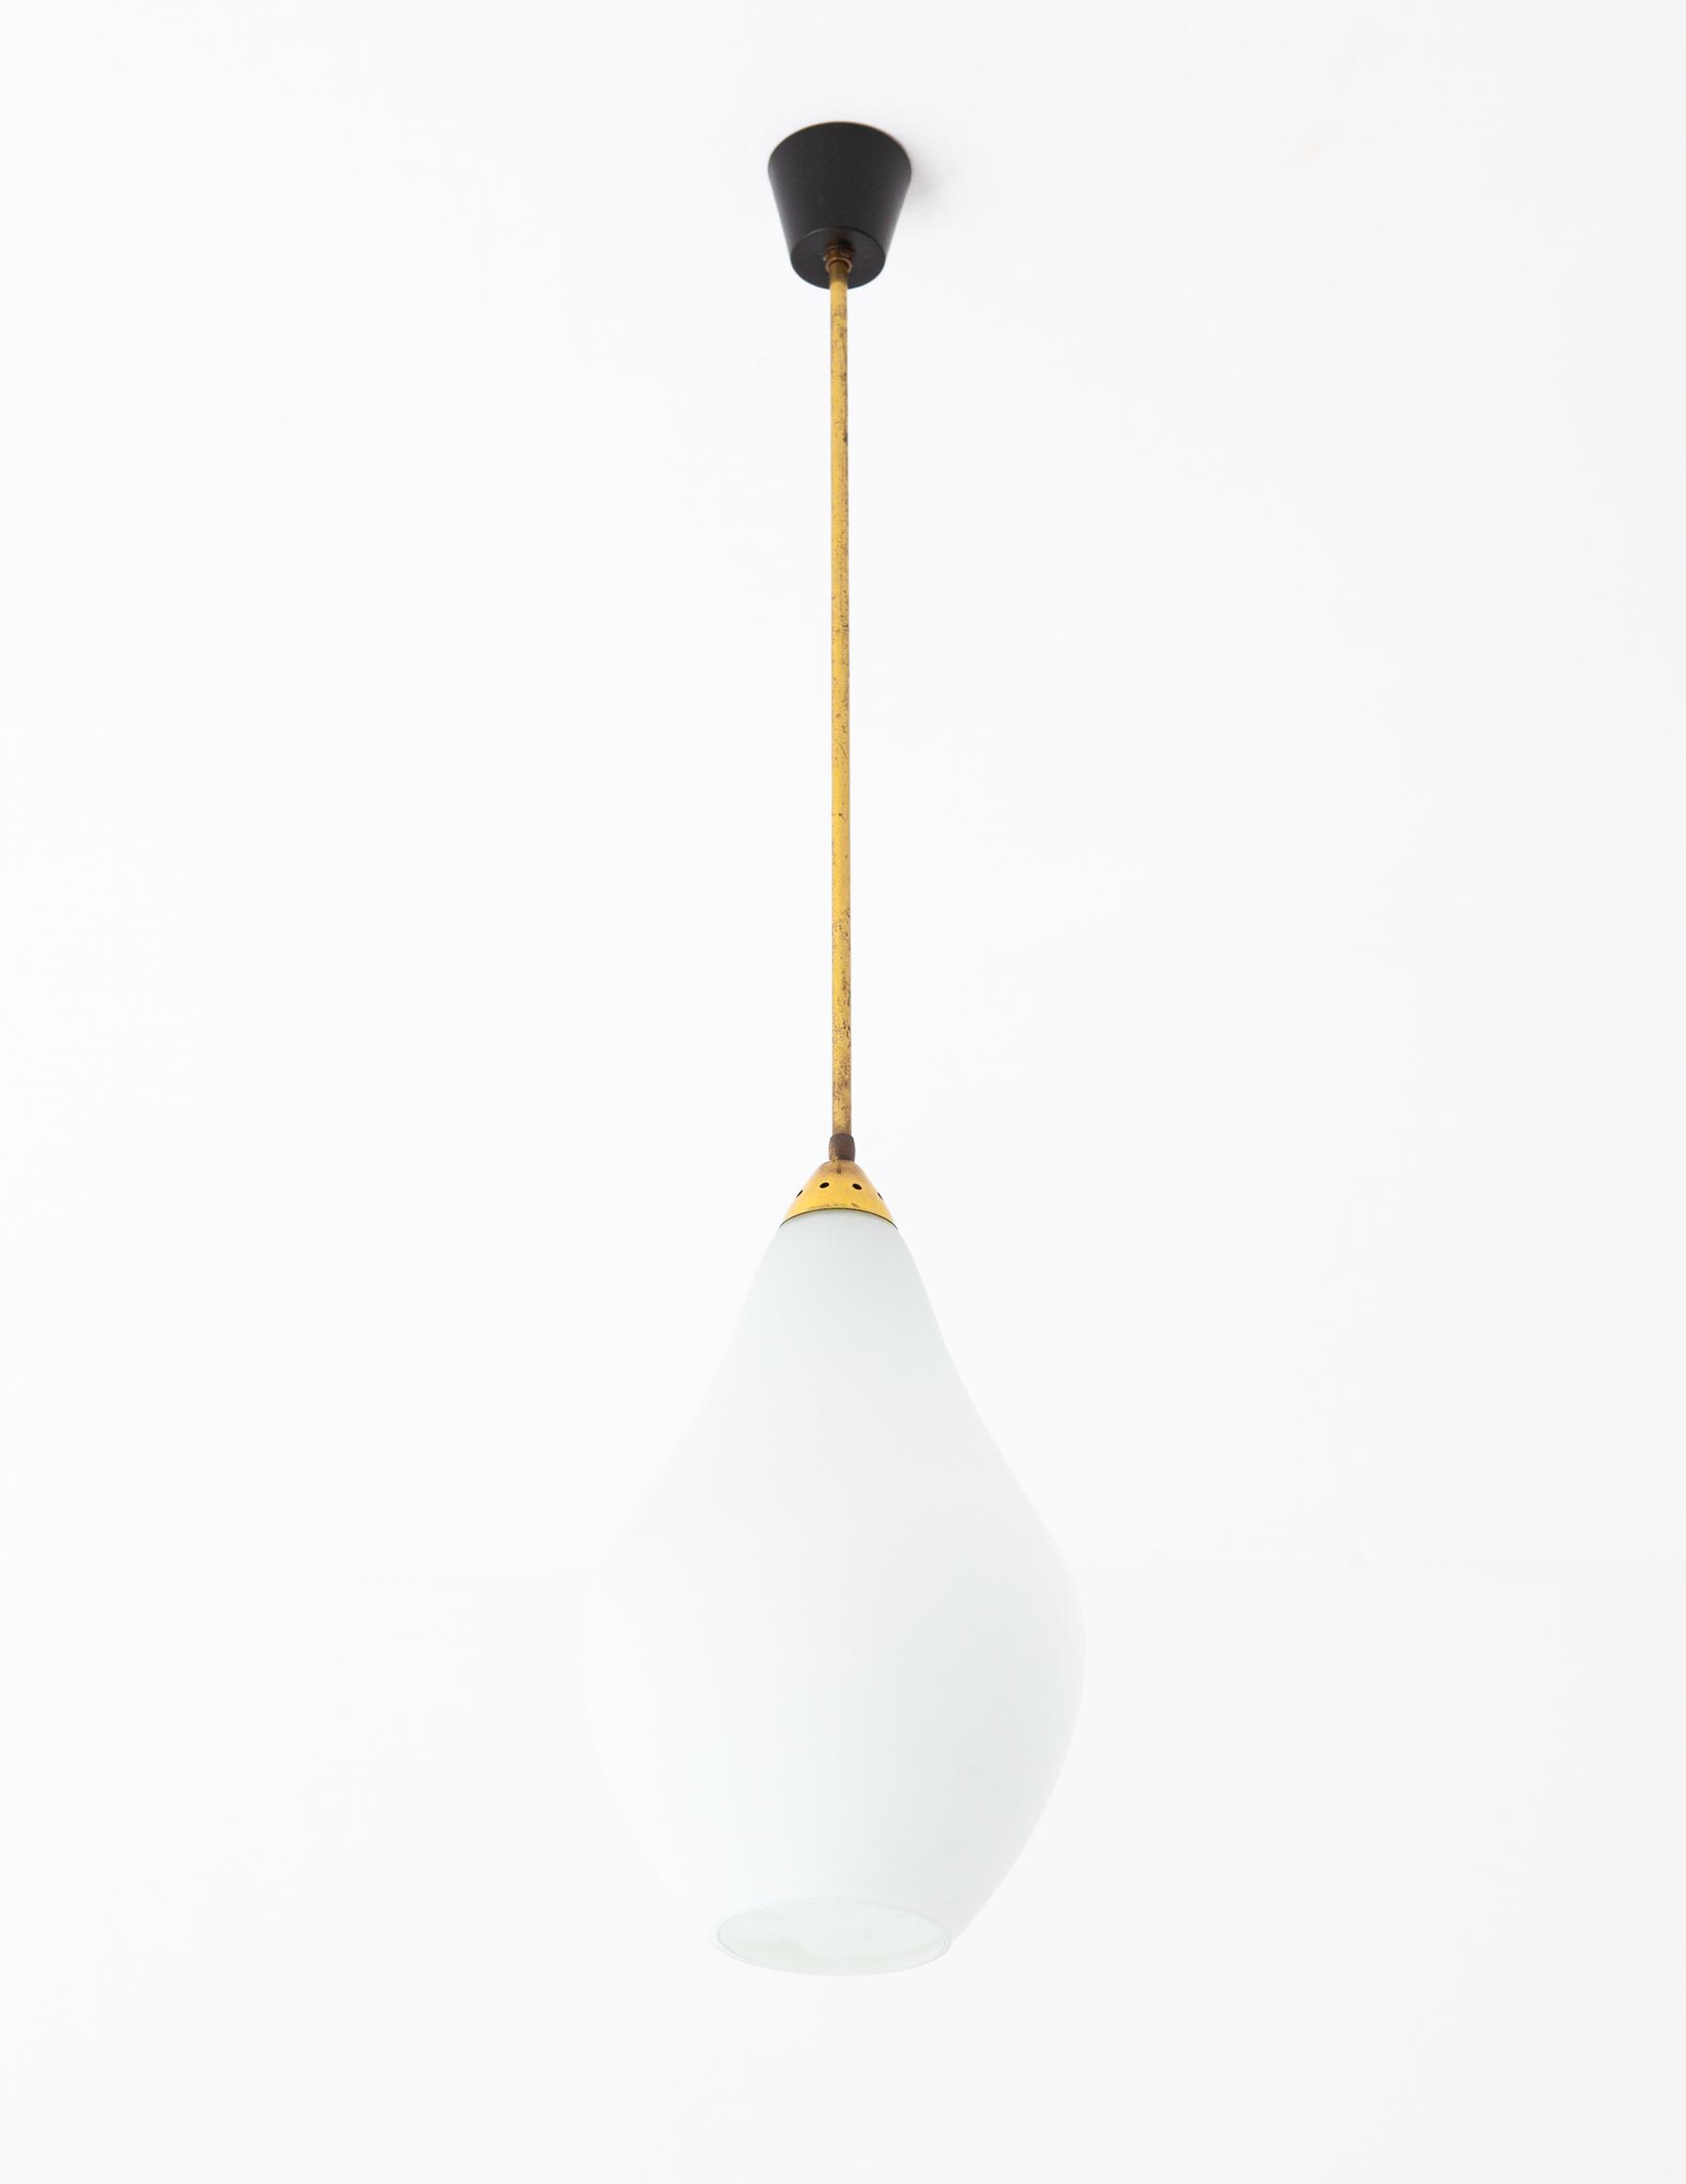 1950s-italian-opaline-glass-brass-pendant-lamp-1a-l81